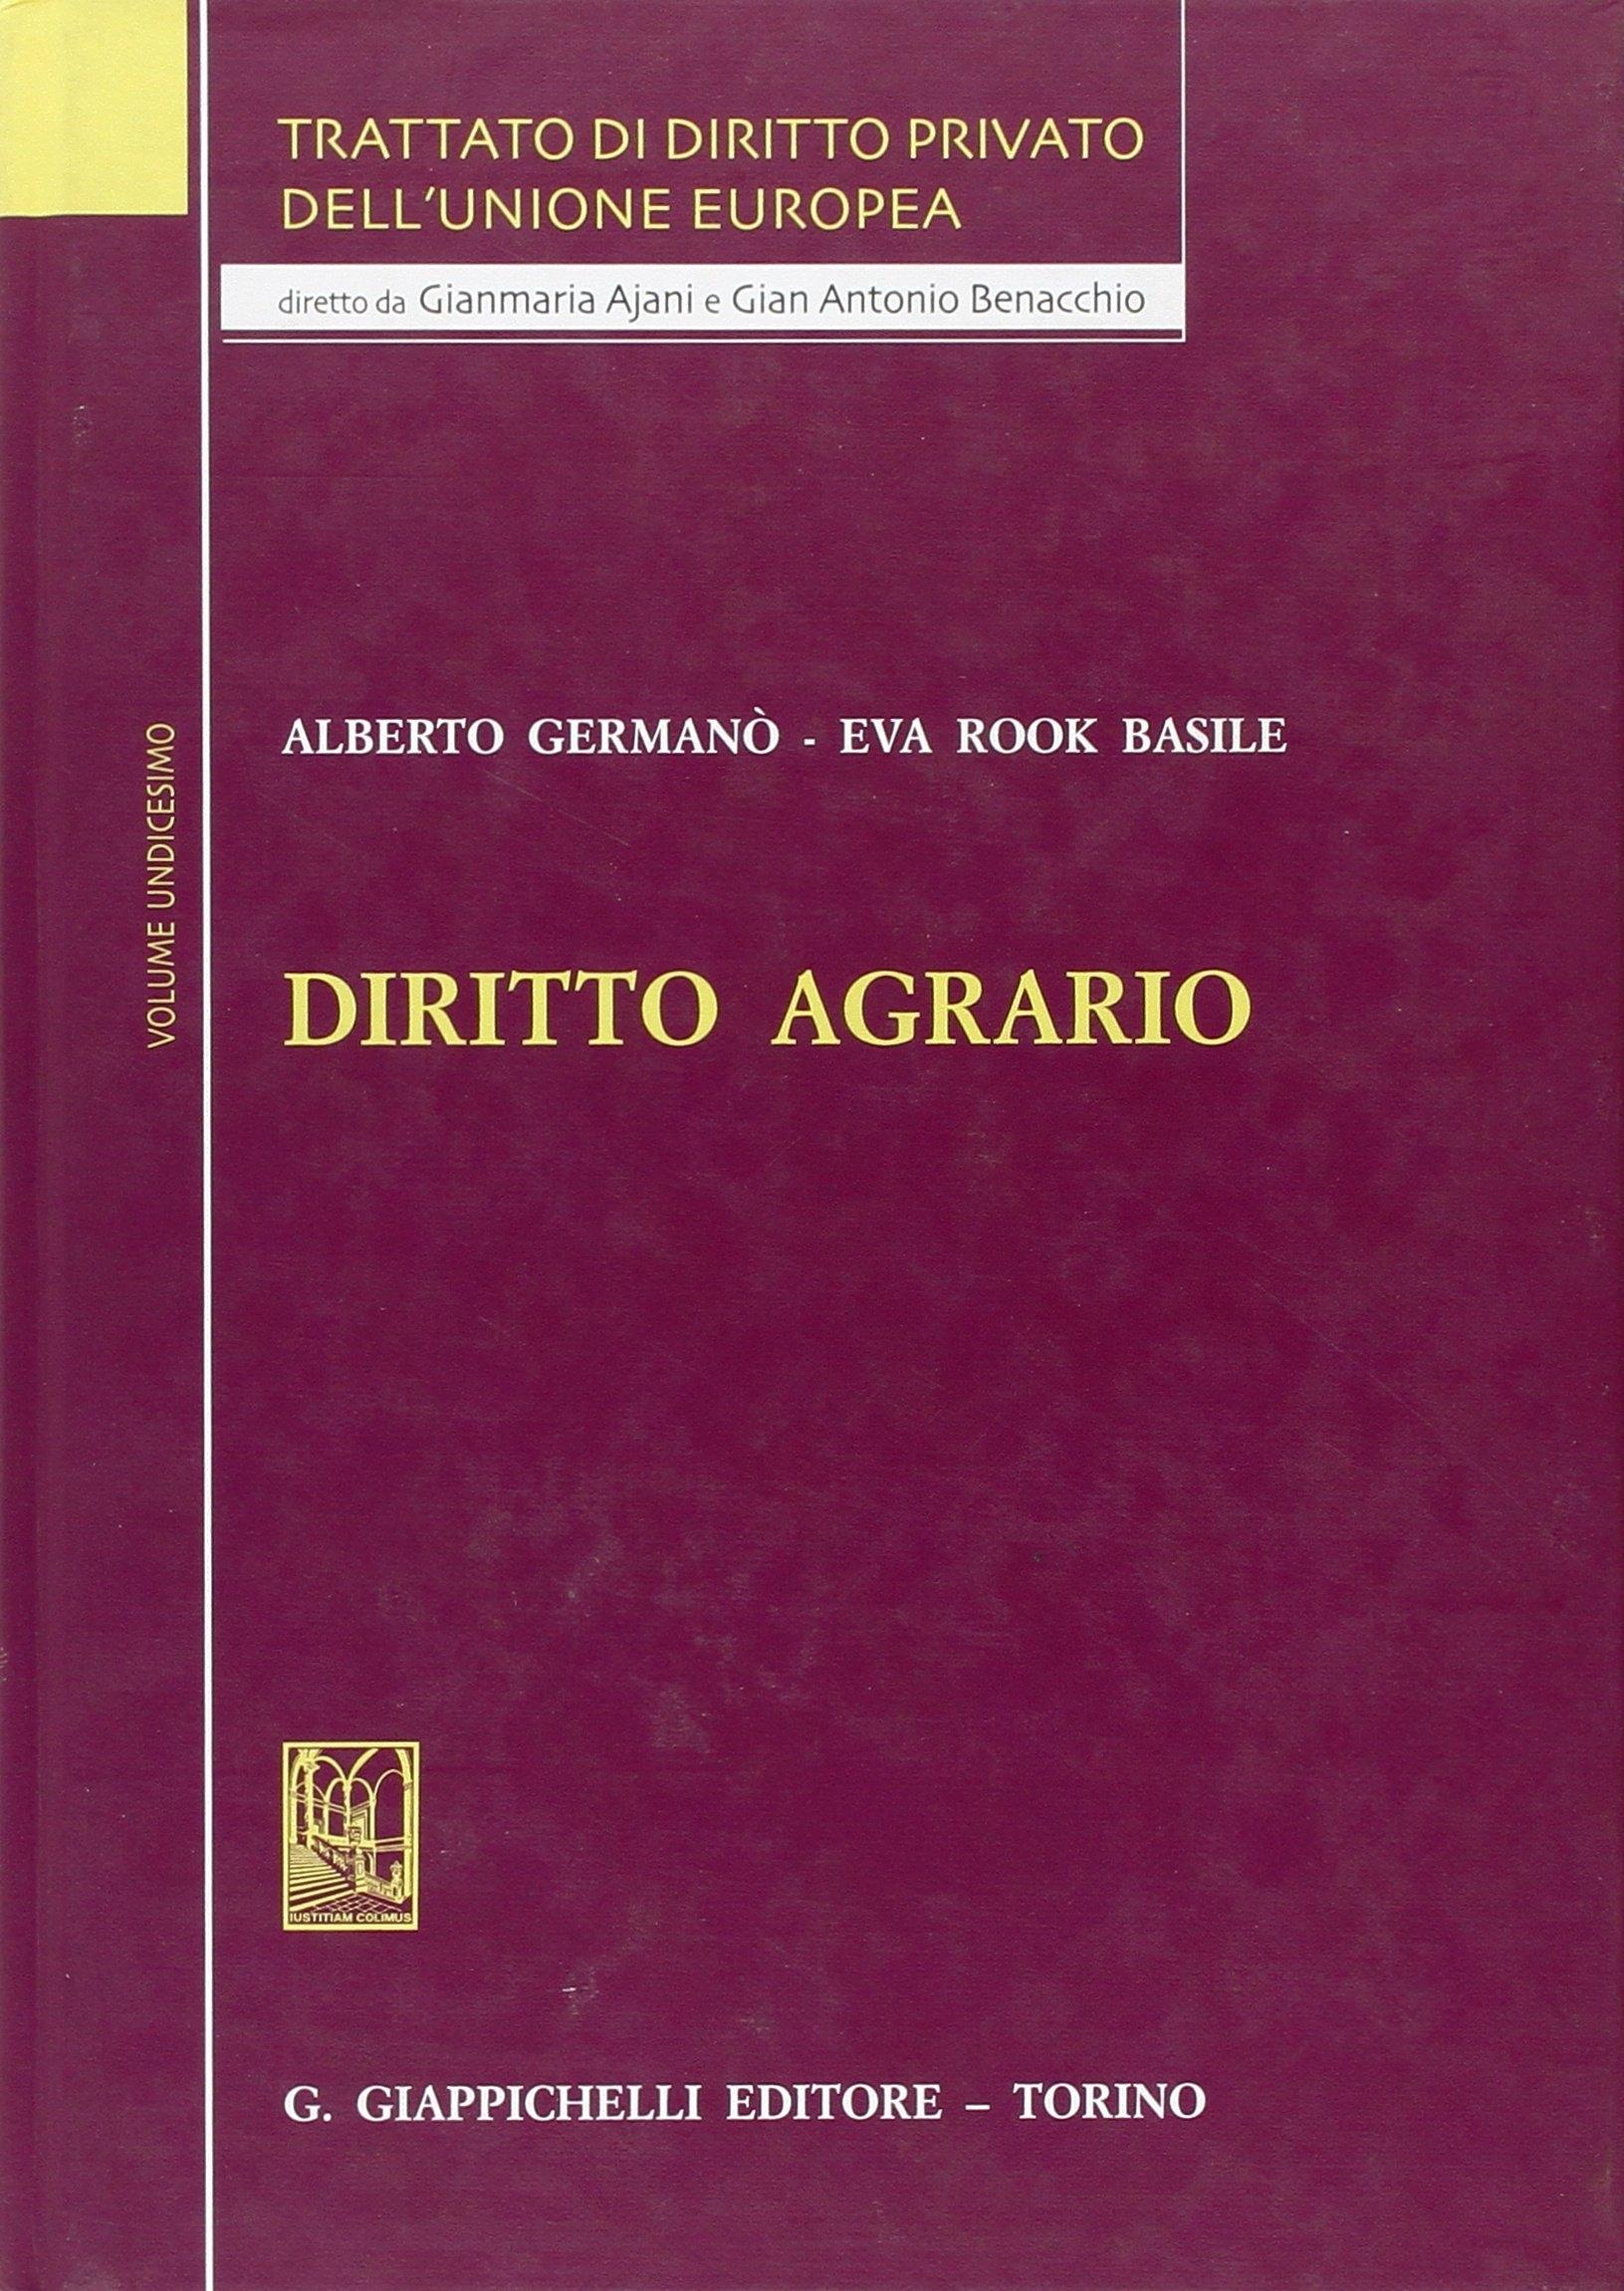 Trattato di diritto privato dell'Unione Europea. 11. Diritto Agrario